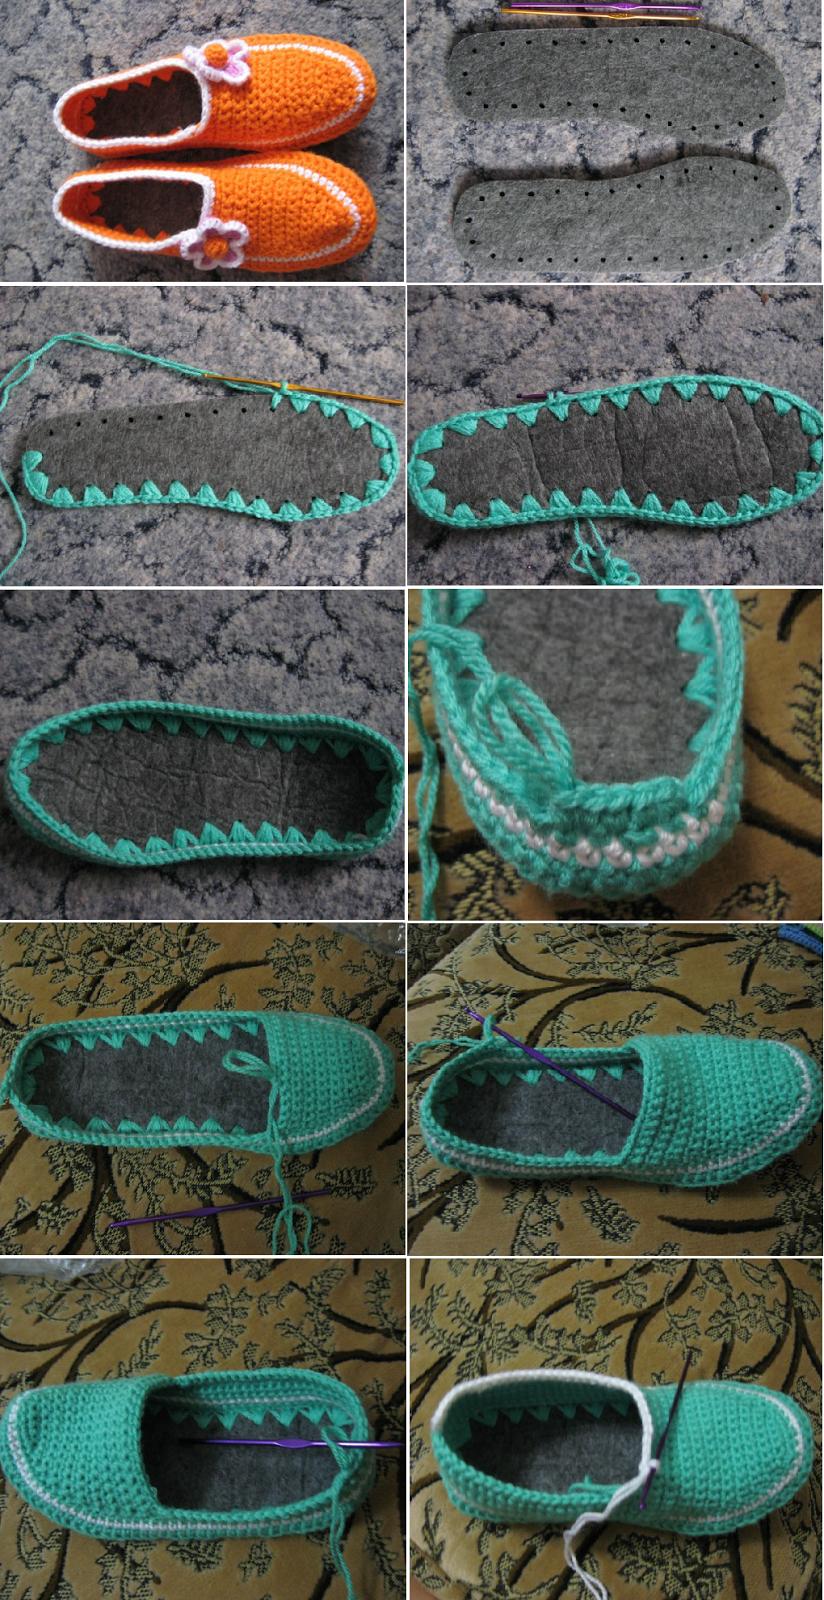 Patrones Crochet: Como hacer Zapatillas de Ganchillo desde unas ...